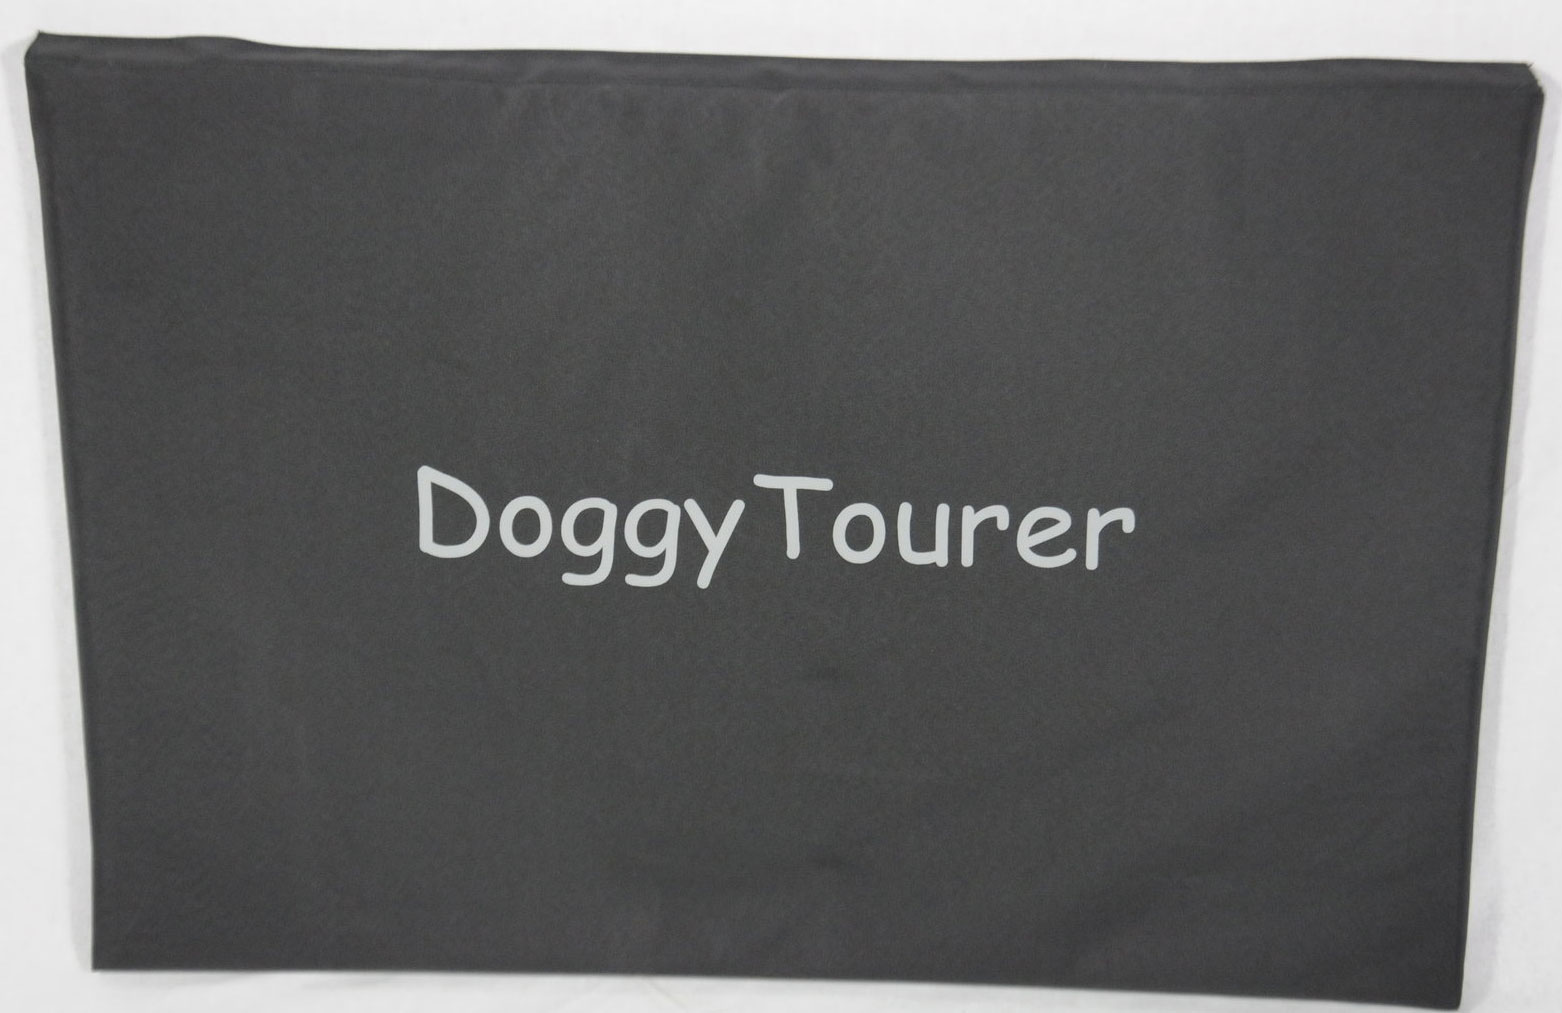 Hundebett für Doggy Tourer Kids Touring Doggy Pad M schwarz Bild 1